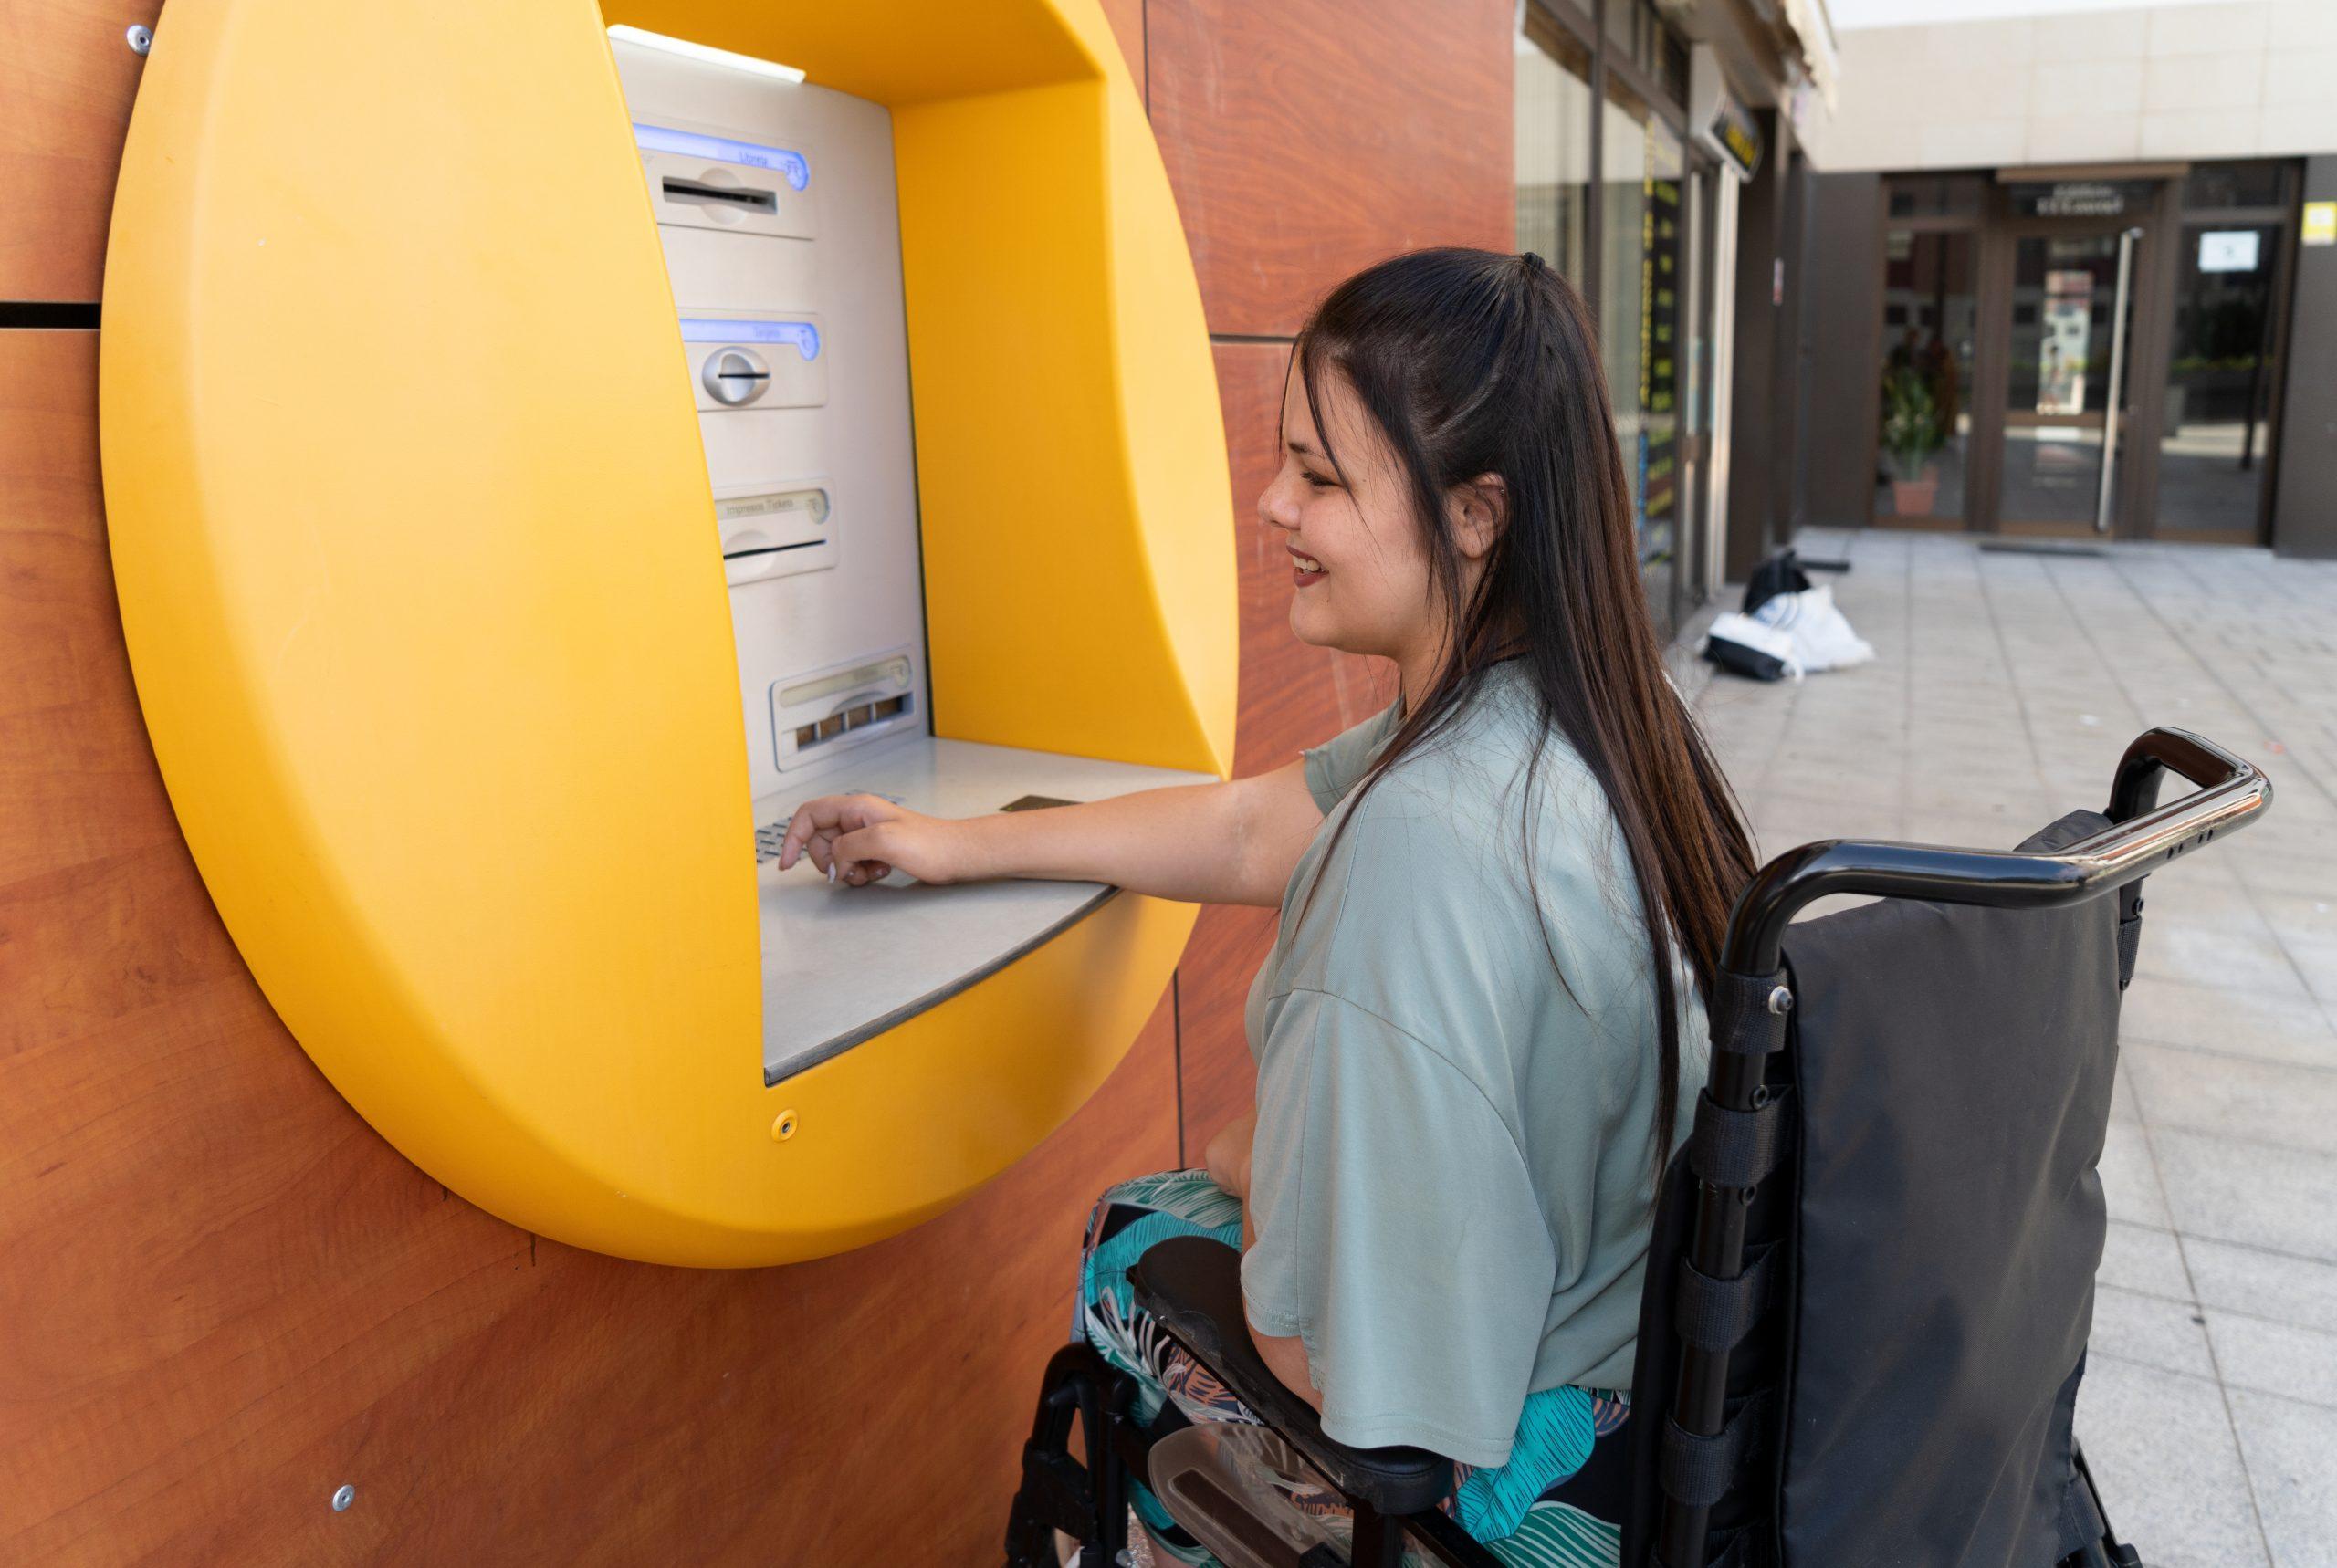 Tecnología inclusiva para personas con discapacidad